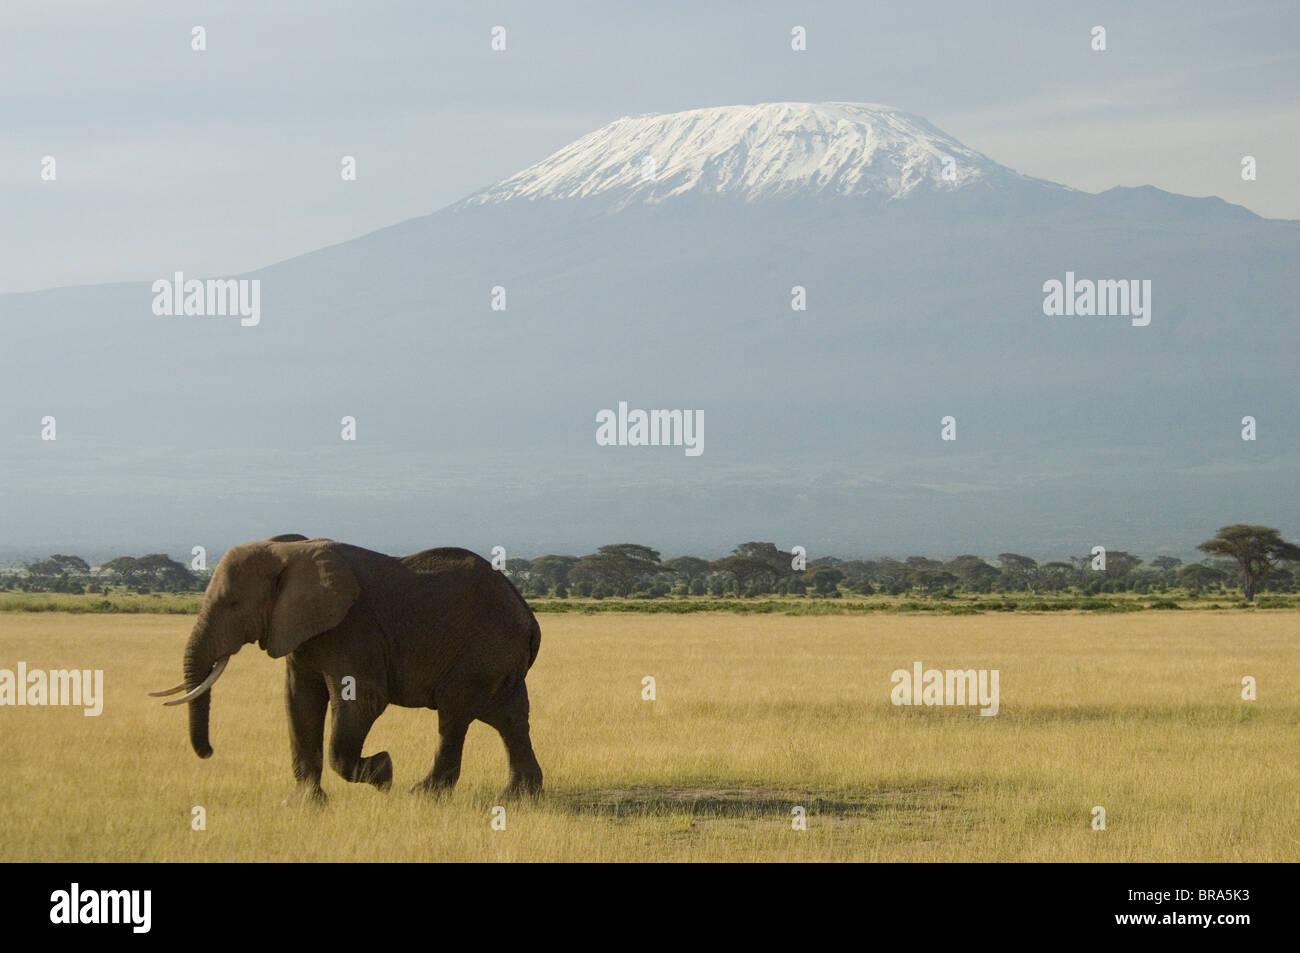 Paseos en elefante llanuras del parque nacional de Amboseli Kilimanjaro en África Kenia Antecedentes Imagen De Stock